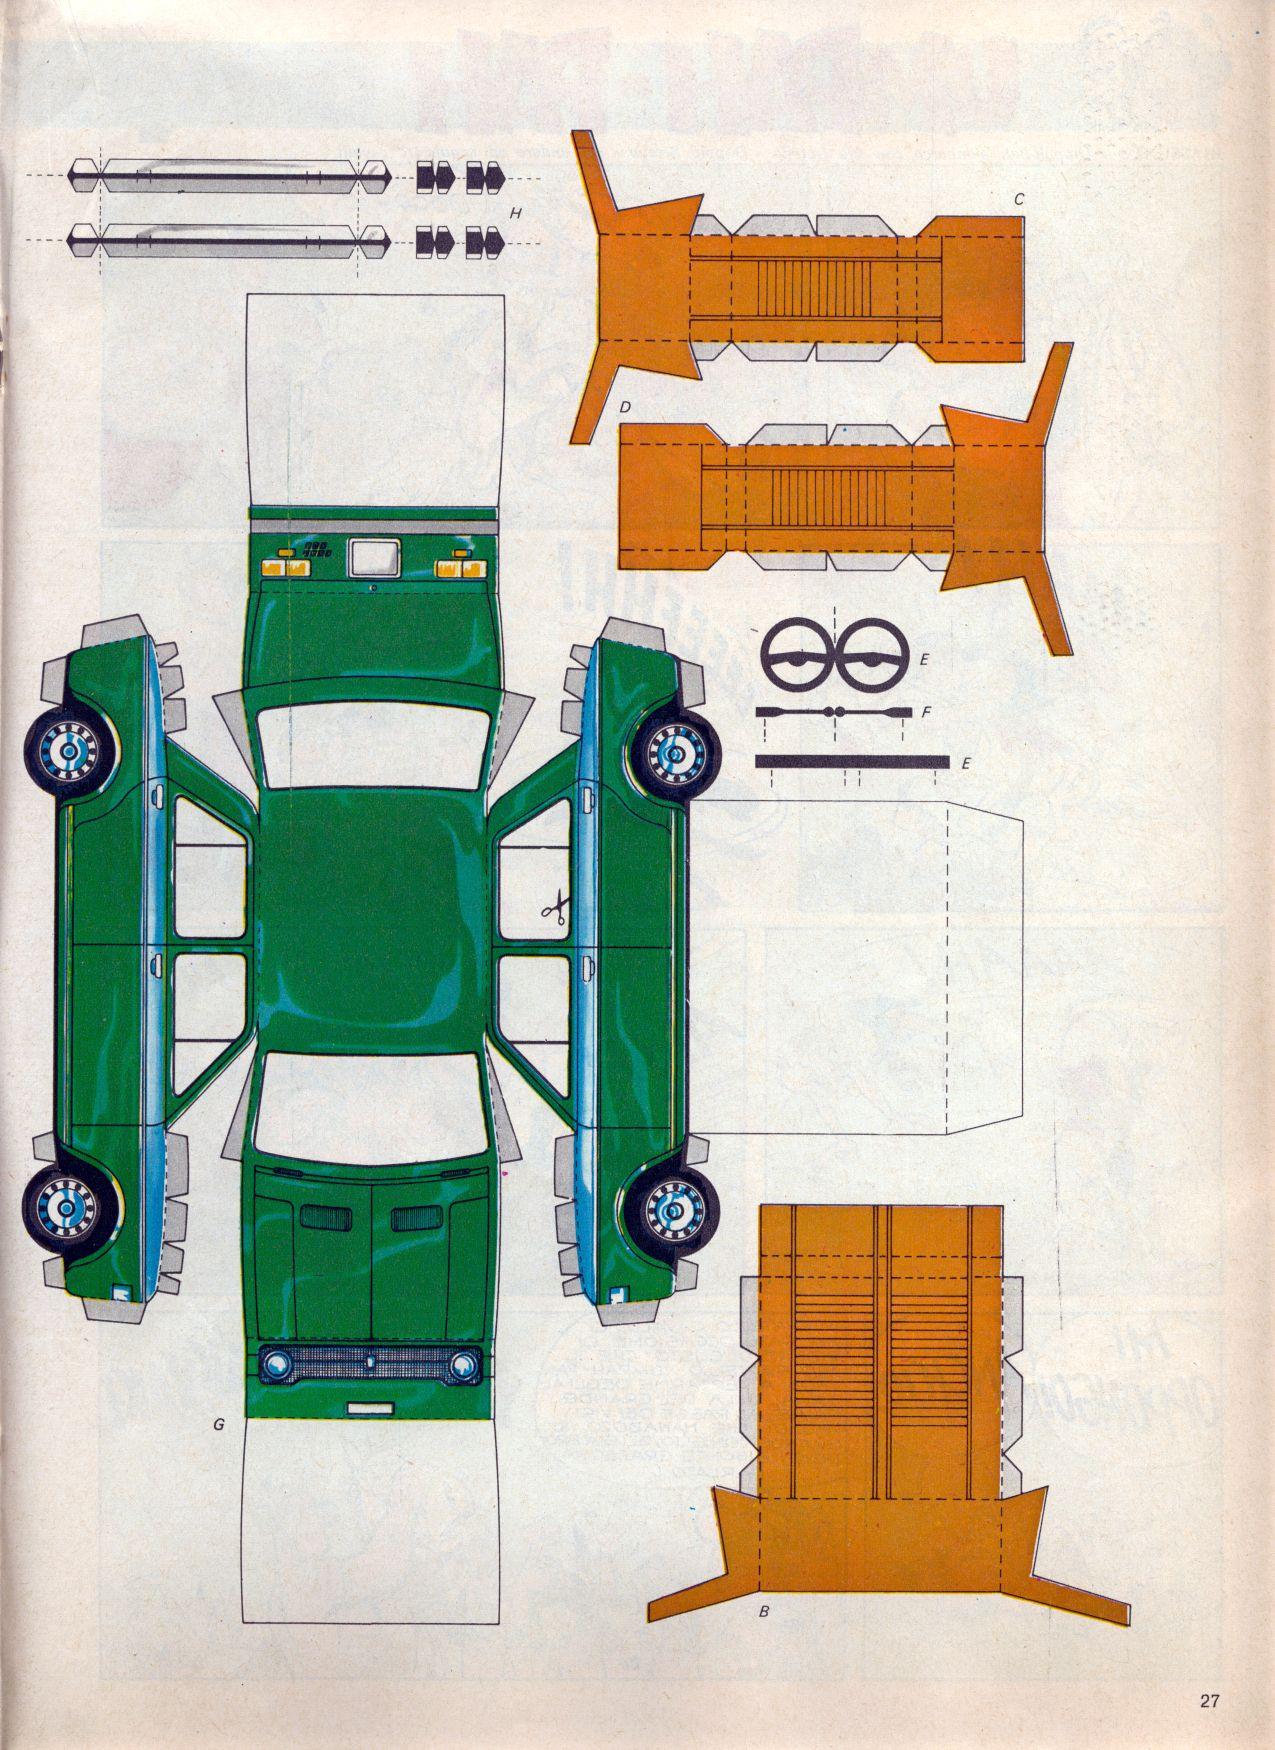 Corrierino E Giornalino Gioco Della Fiat 128 Fiat 128 Giocattoli Di Carta Auto